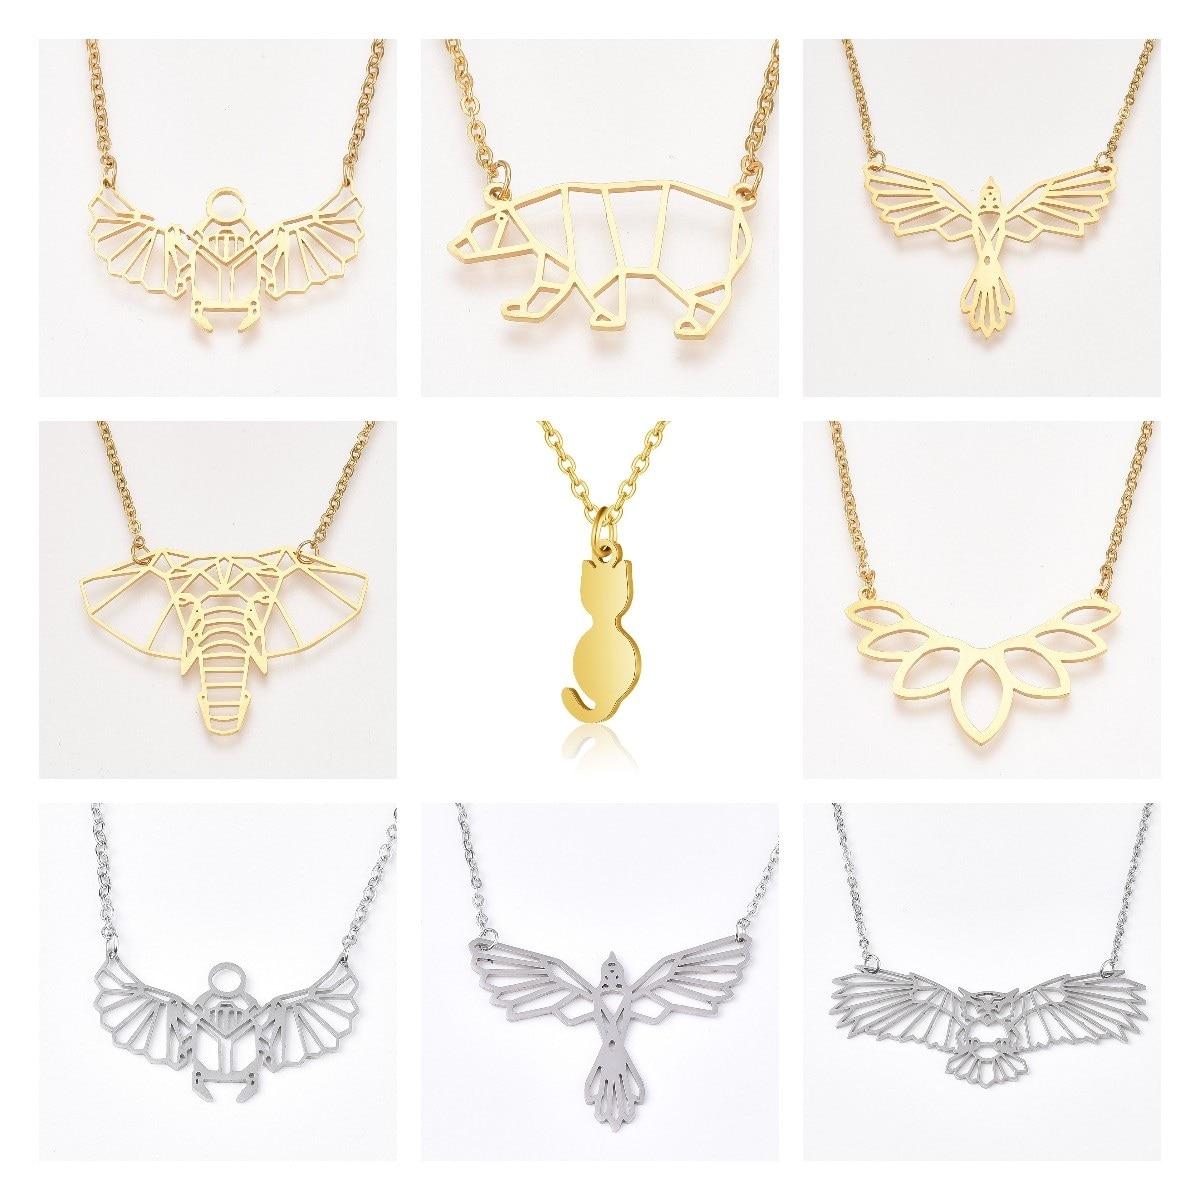 Ожерелье с подвеской в форме животного из нержавеющей стали, кулон в виде золотого Scarab, совы, слона, кабельная цепь, ожерелье для женщин и муж...